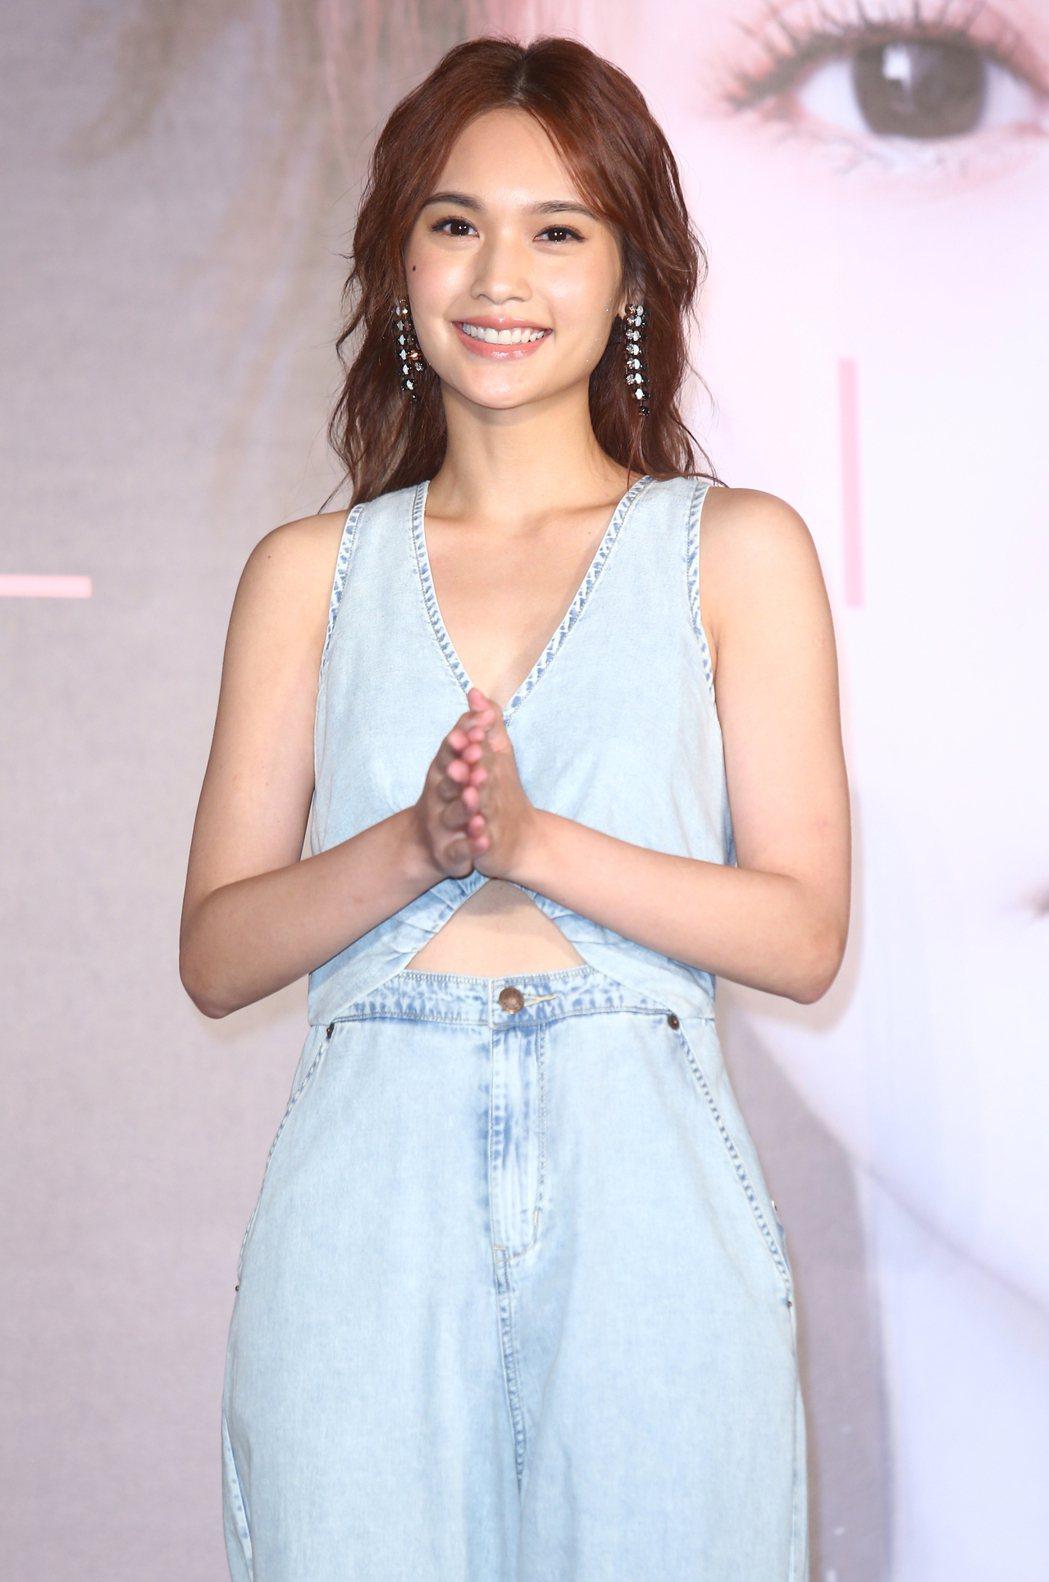 楊丞琳將舉辦世界巡迴演唱會,這次演唱會為主題是「青春住了誰」,楊丞琳說這次要好好...